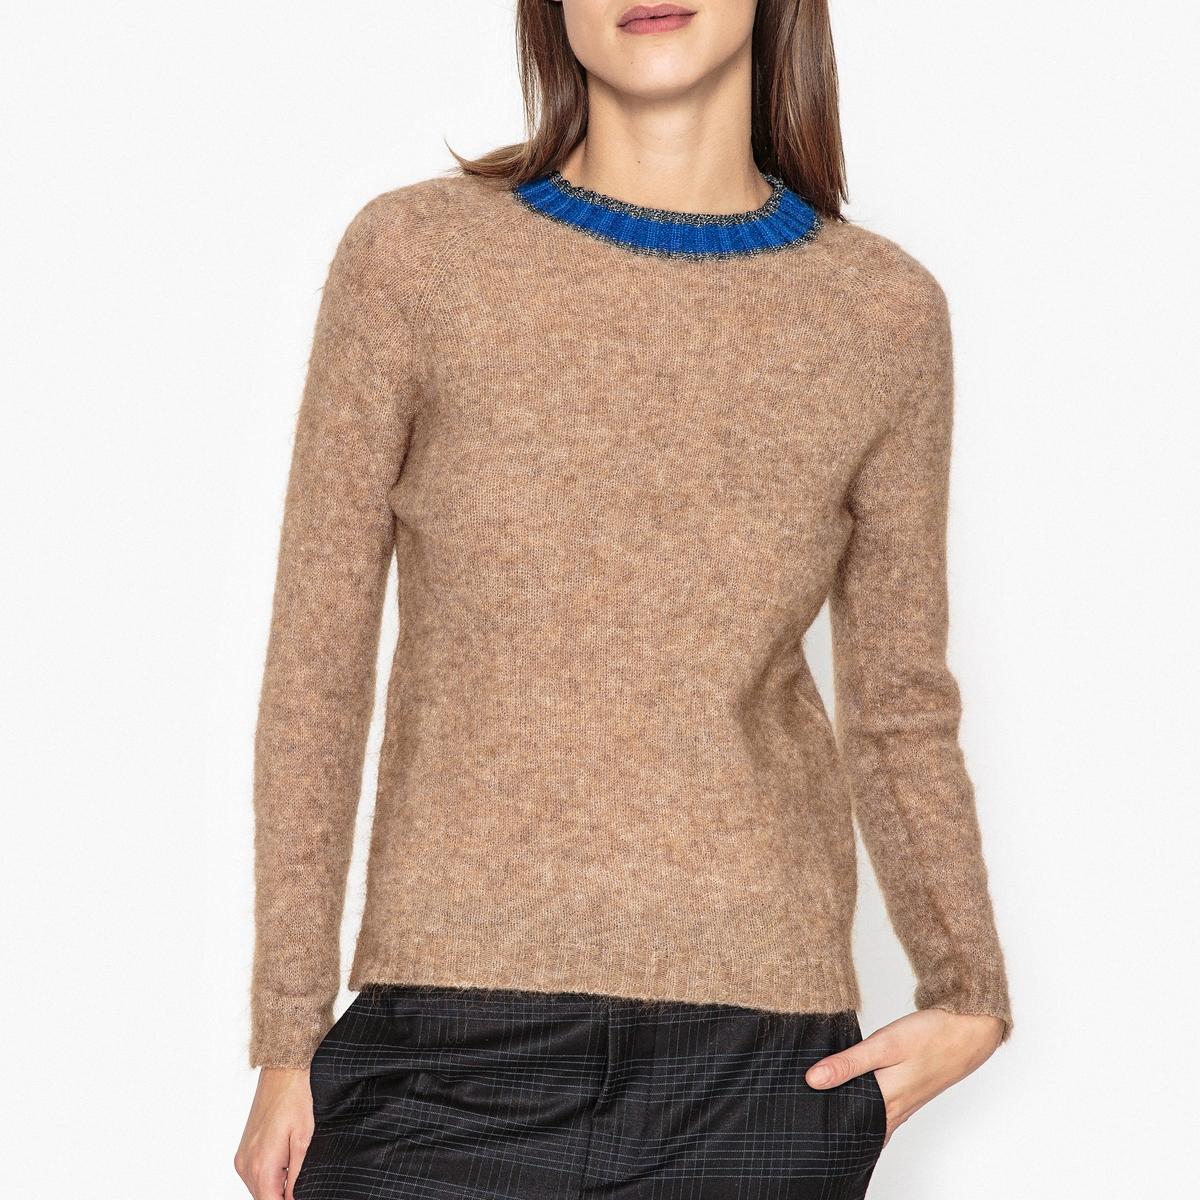 Пуловер из тонкого трикотажа SOLANGEОписание:Пуловер с длинными рукавами MOMONI - модель SOLANGE с контрастными краями на вырезе.Детали •  Длинные рукава •  Круглый вырез •  Тонкий трикотажСостав и уход •  82% альпаки, 2% эластана, 16% полиамида •  Следуйте советам по уходу, указанным на этикетке<br><br>Цвет: бежевый